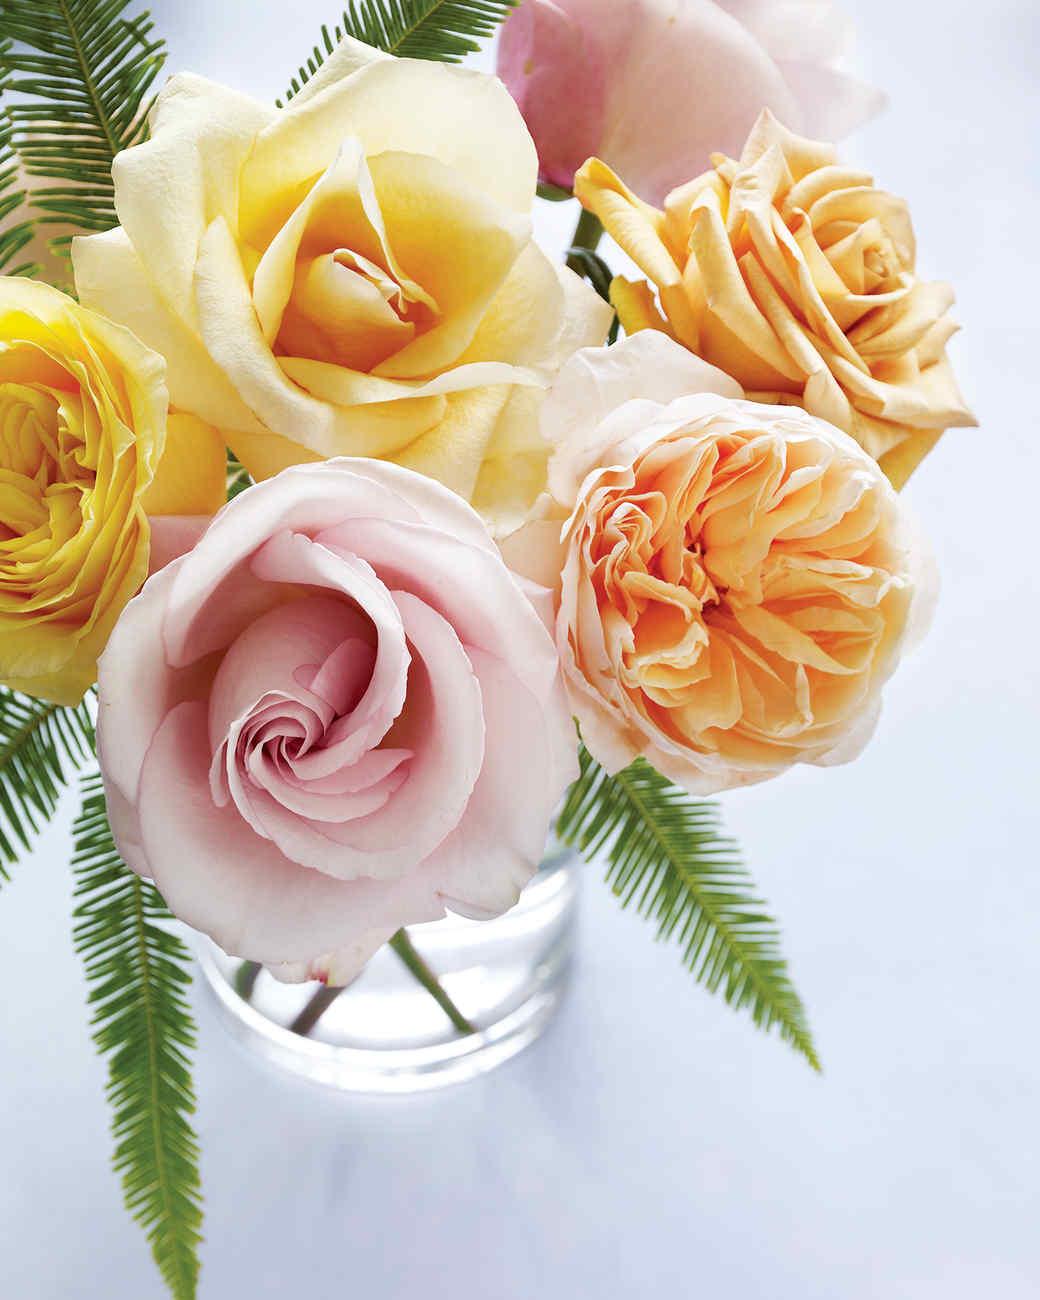 md104713_0210_roses_32.jpg